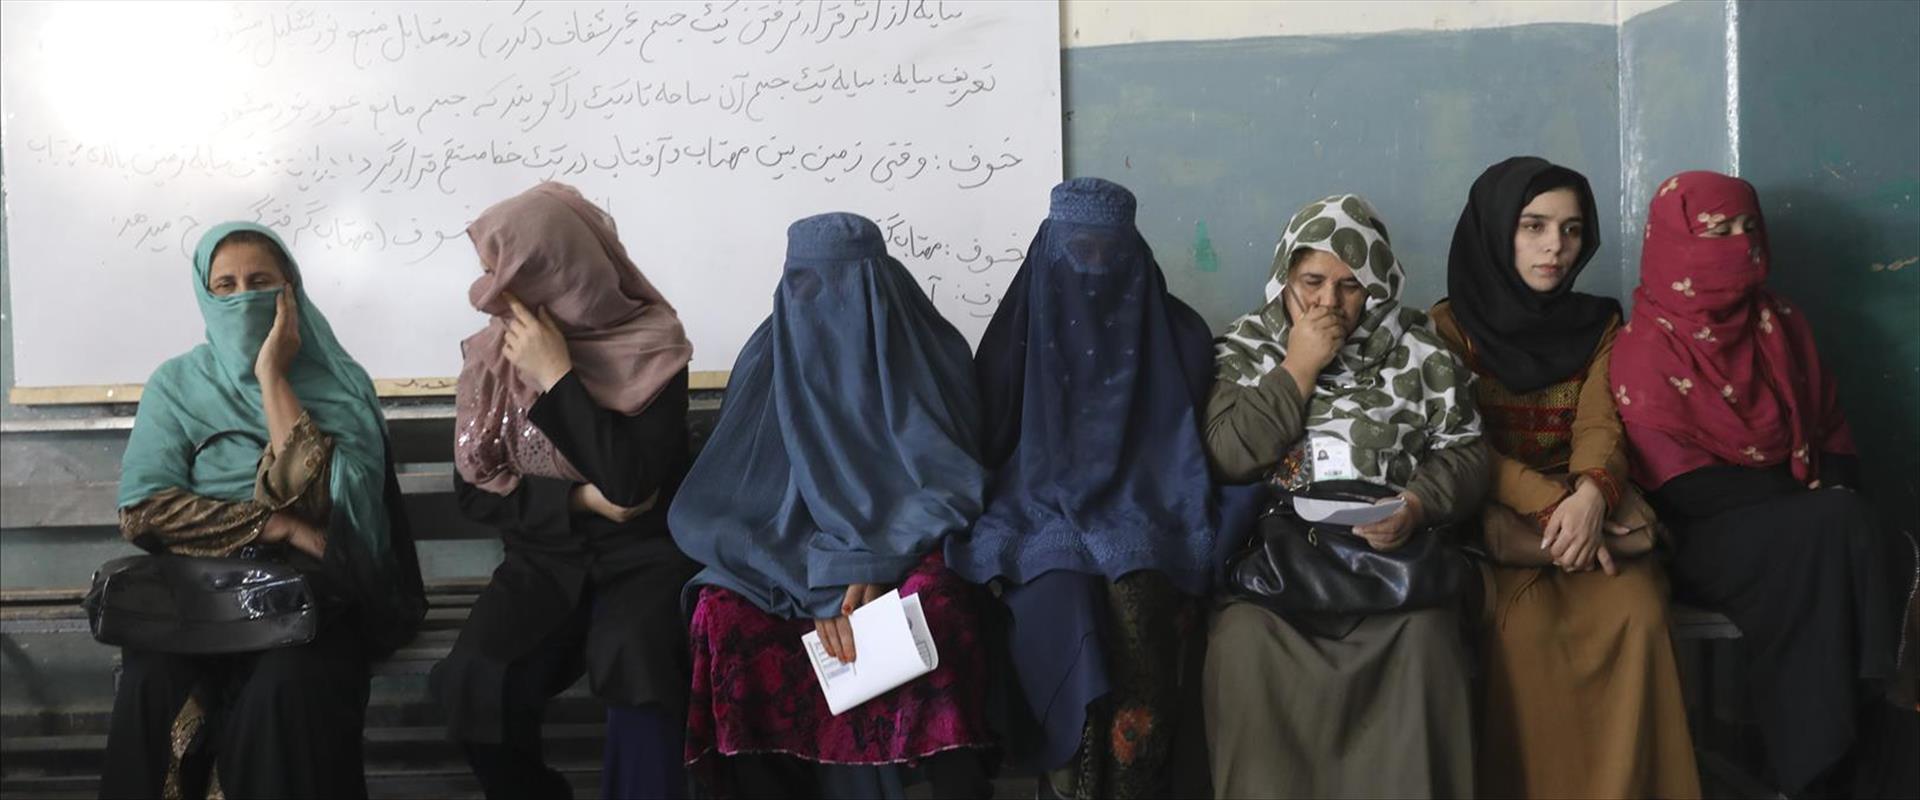 מצביעות באפגניסטן